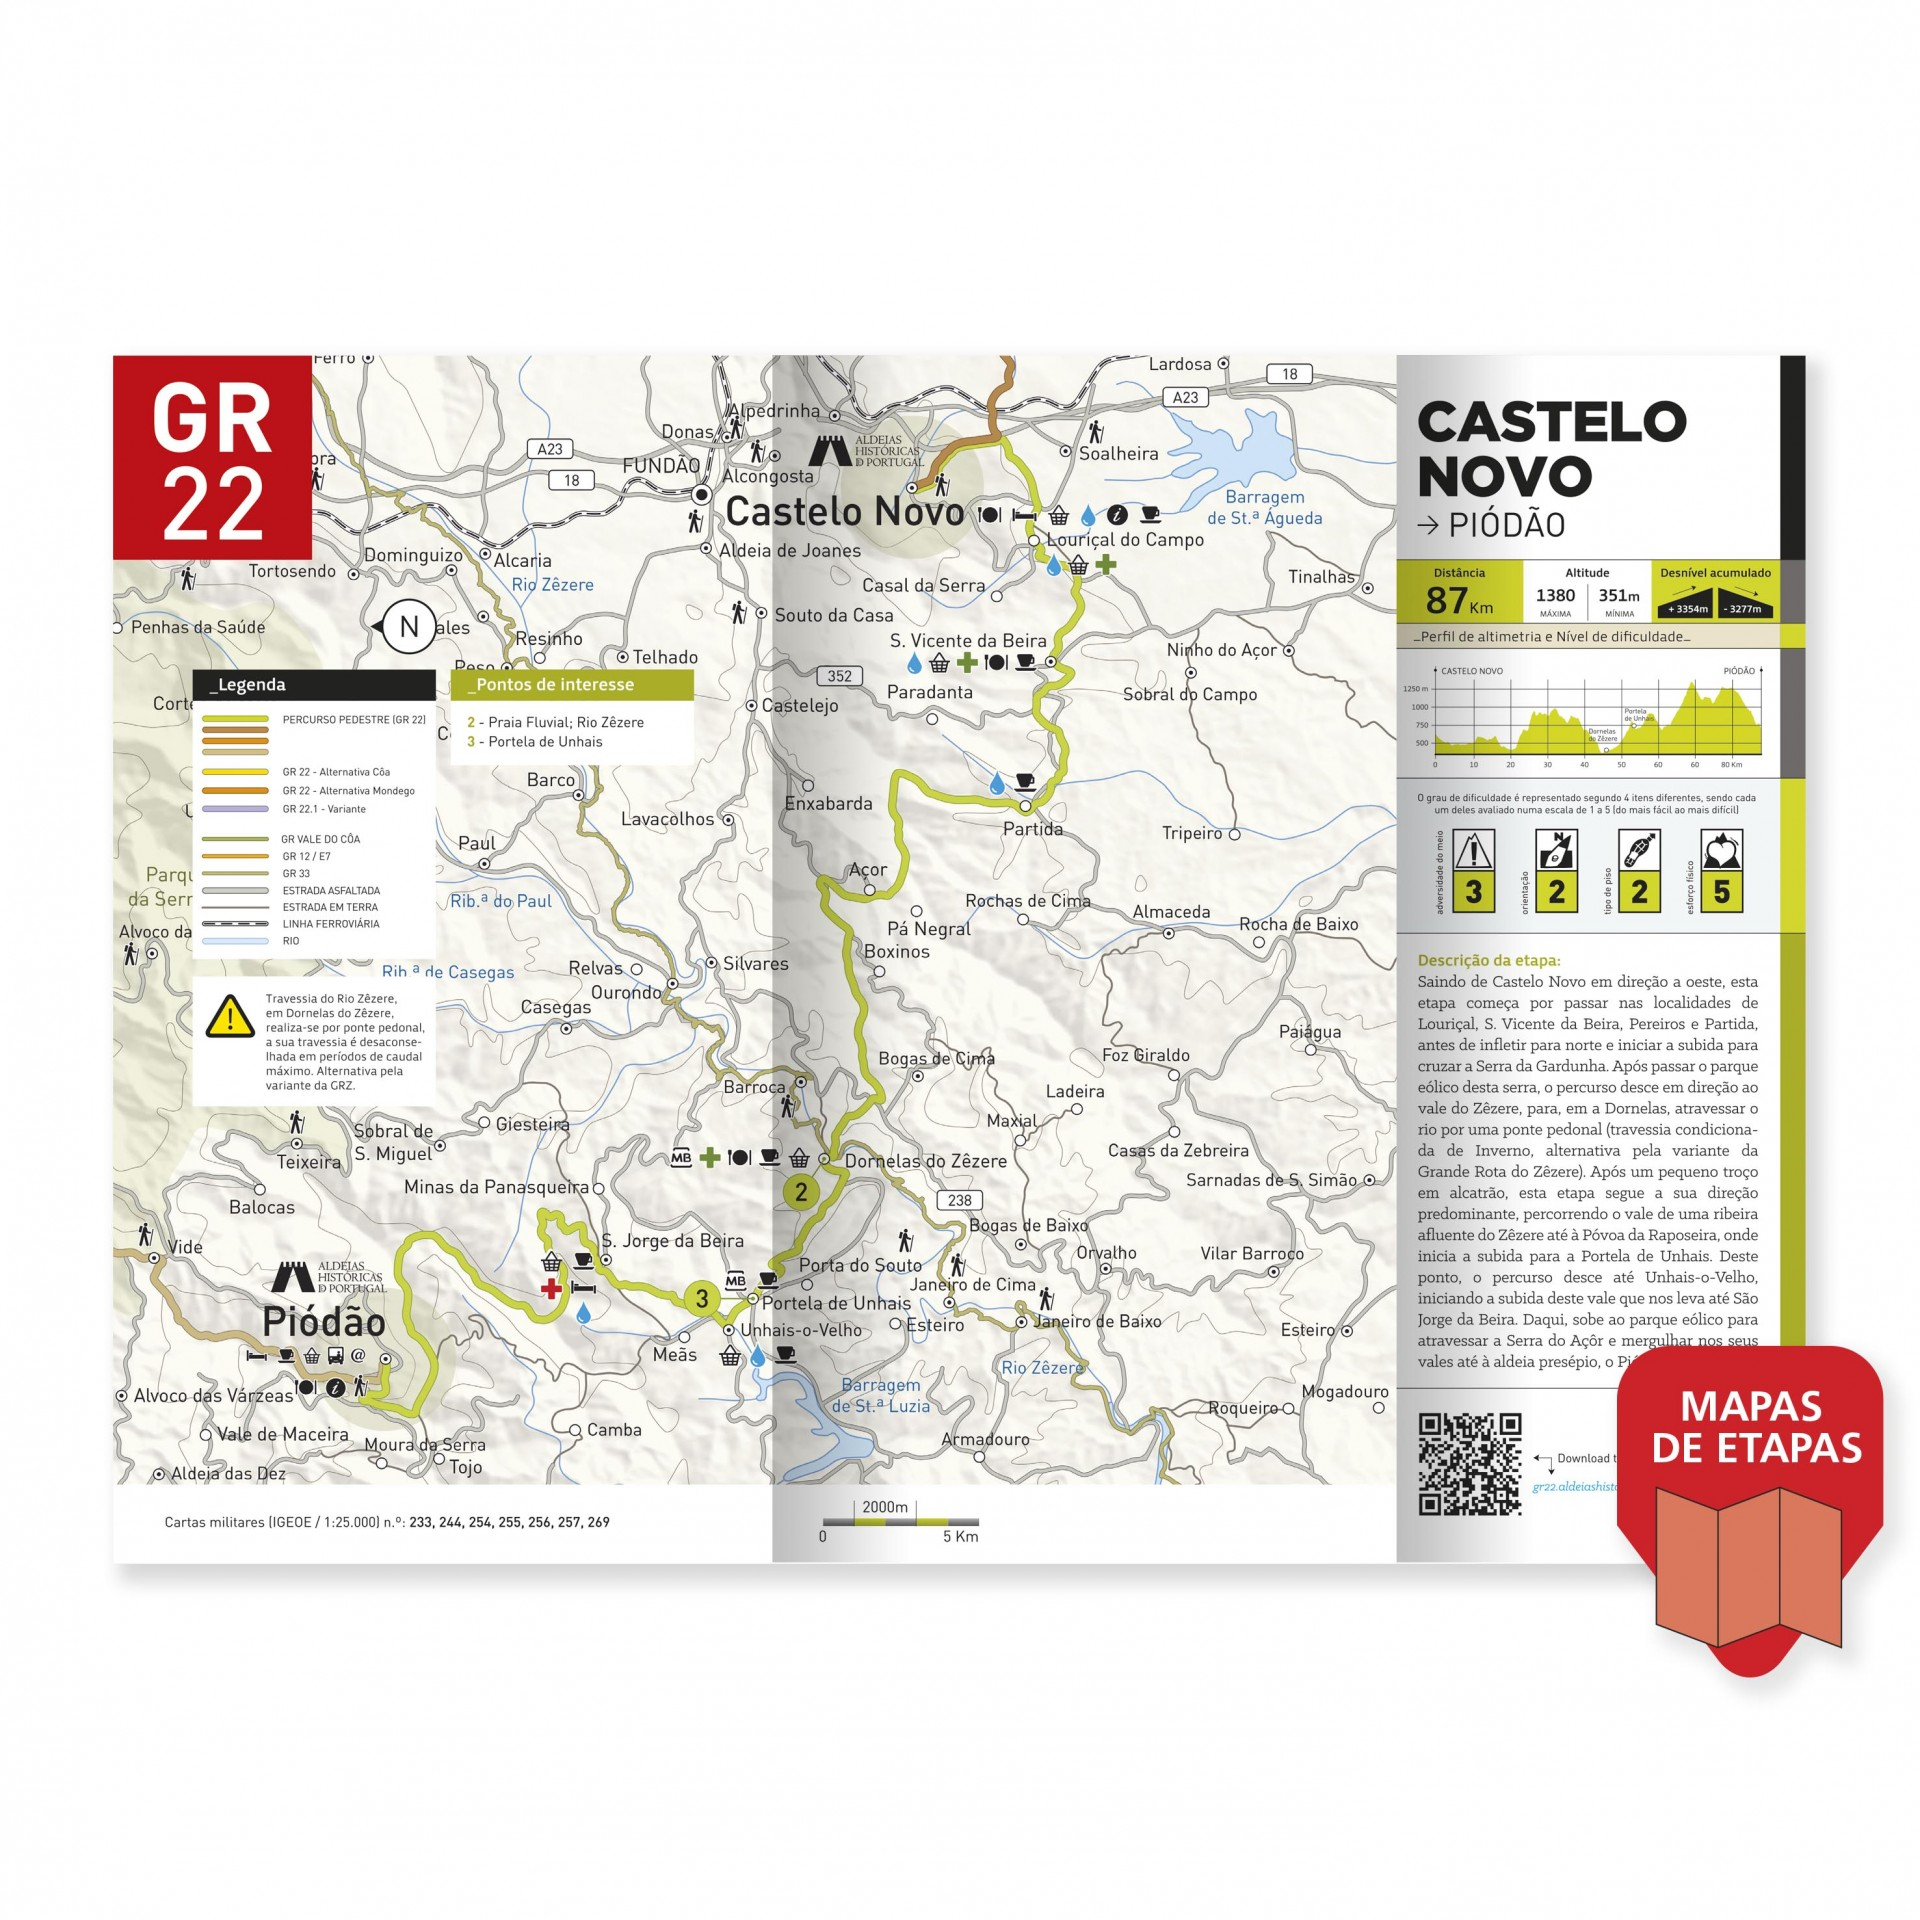 GR22 - Grande Rota das Aldeias Históricas de Portugal